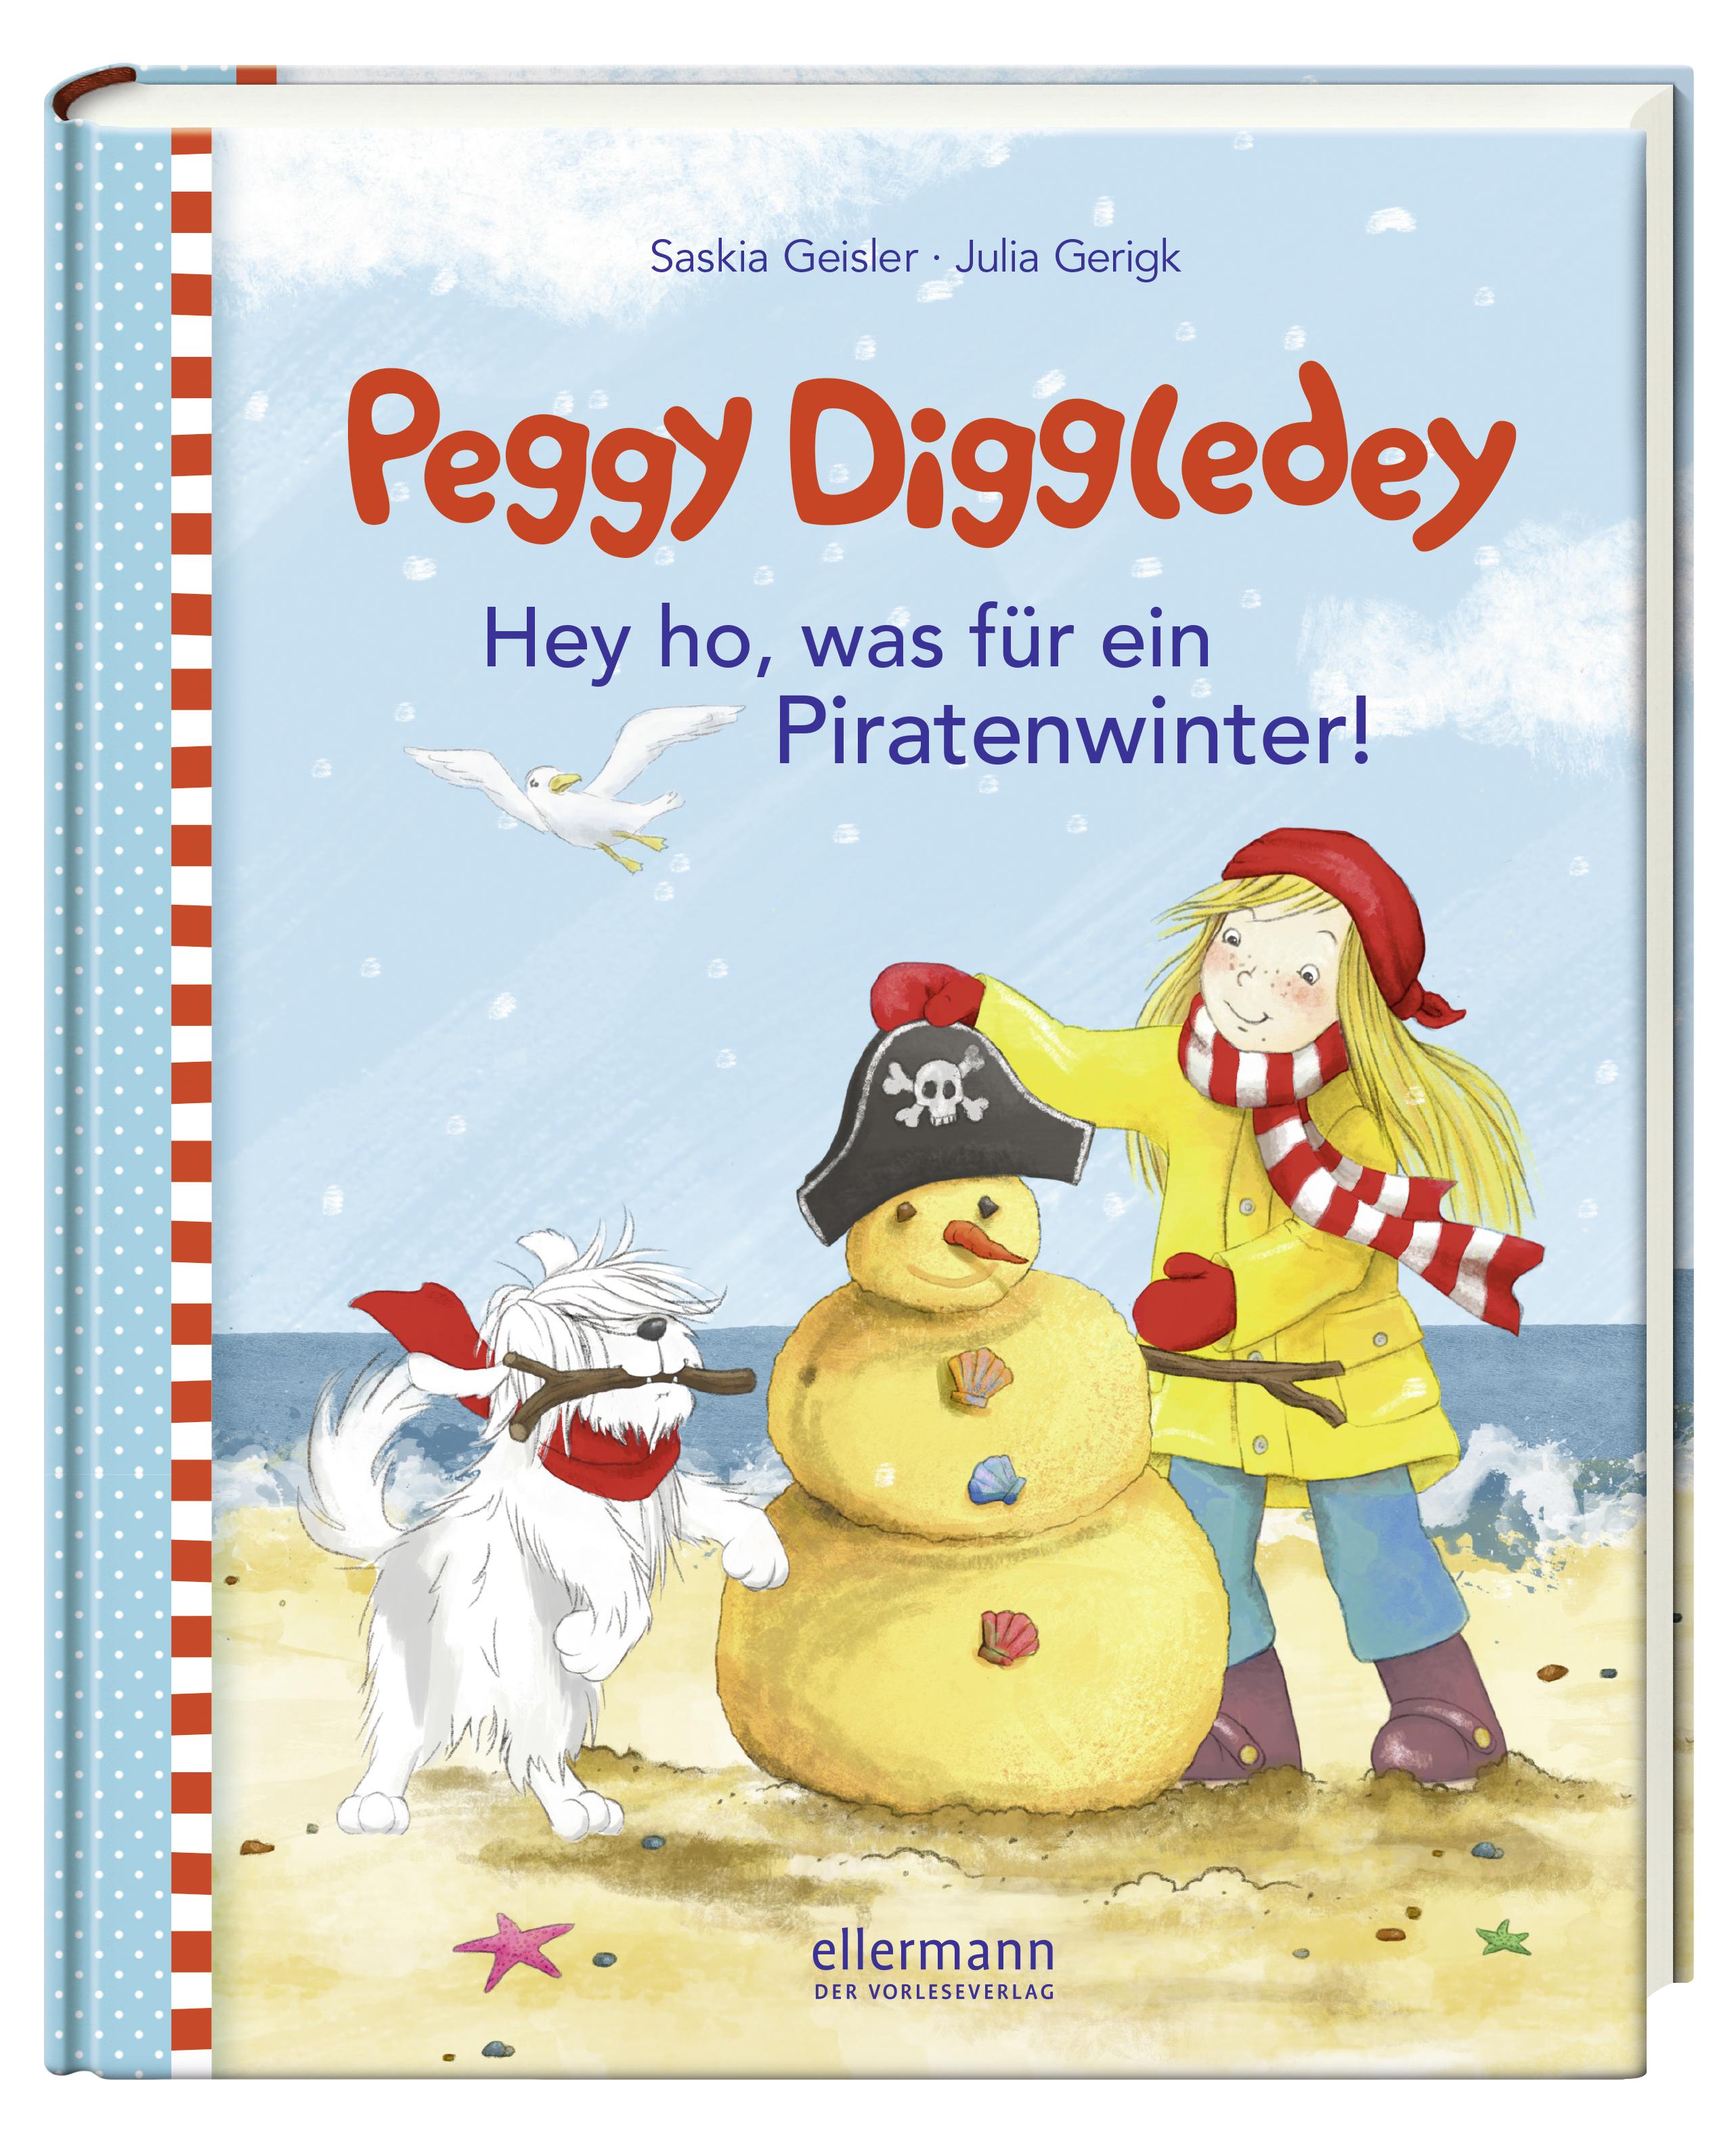 Peggy Diggledey-Hey ho, was für ein Piratenwinter! Saskia Geisler